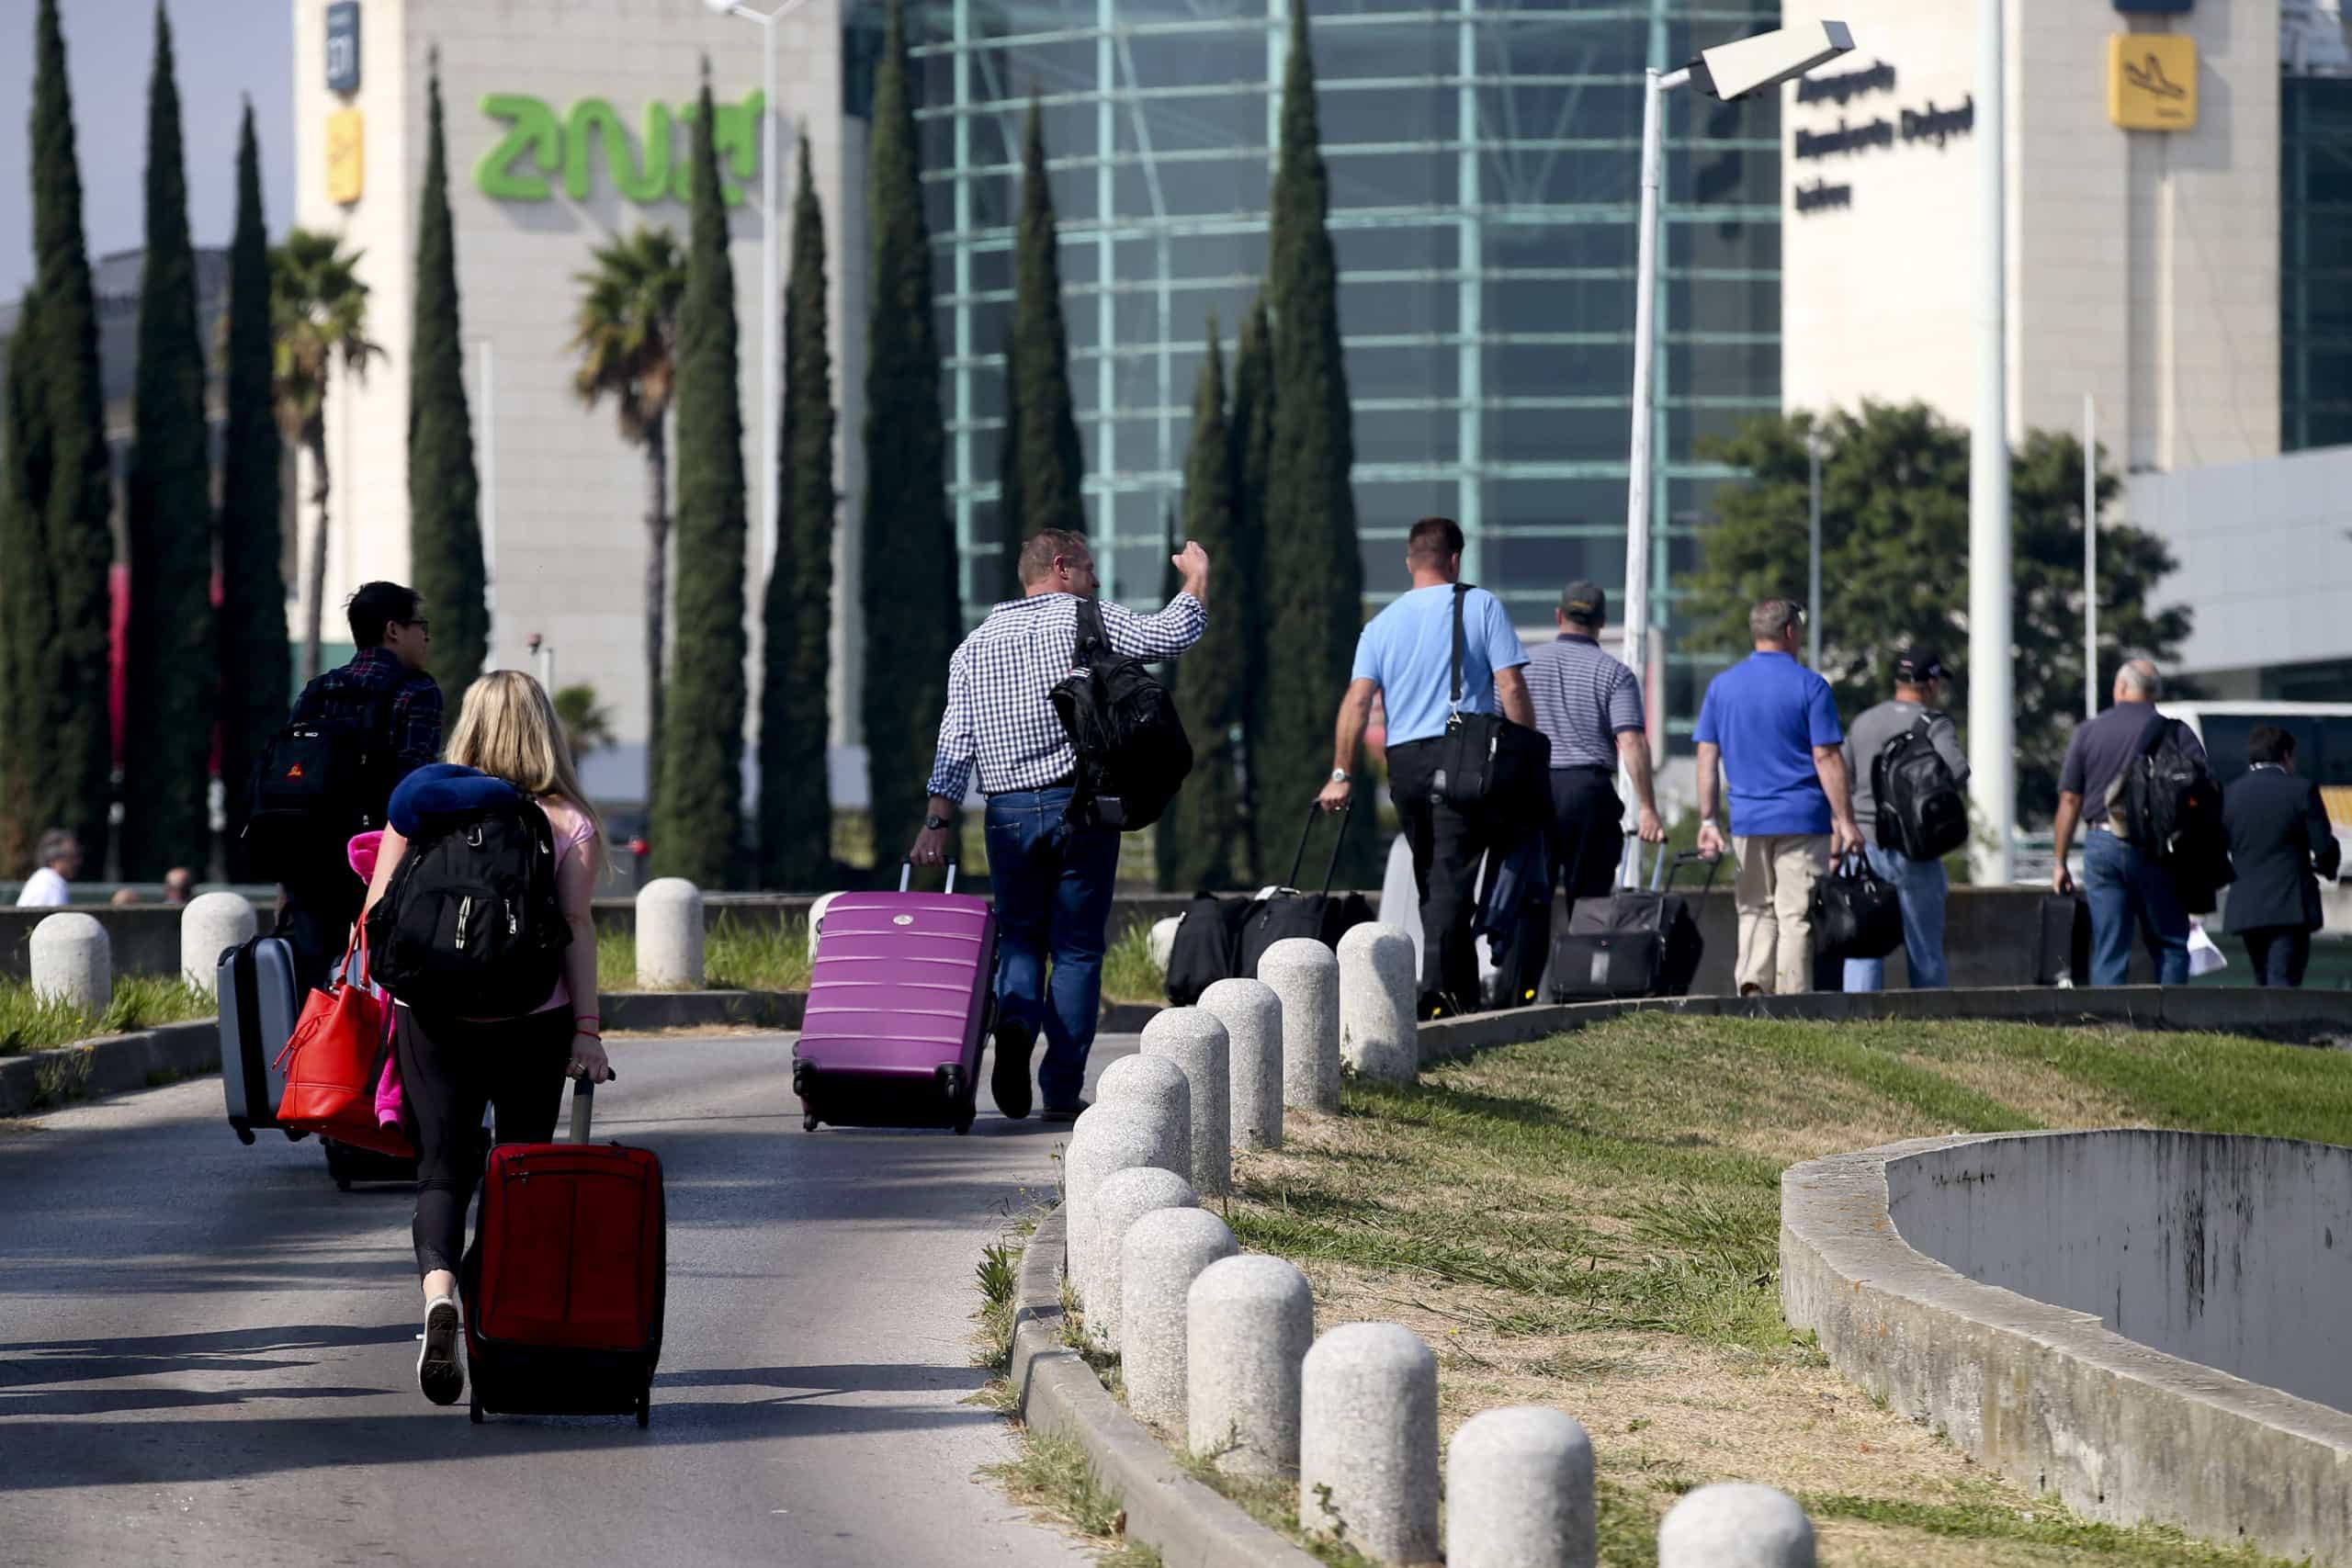 Aeroporto de Lisboa prevê chegar a recorde de 29 milhões de passageiros